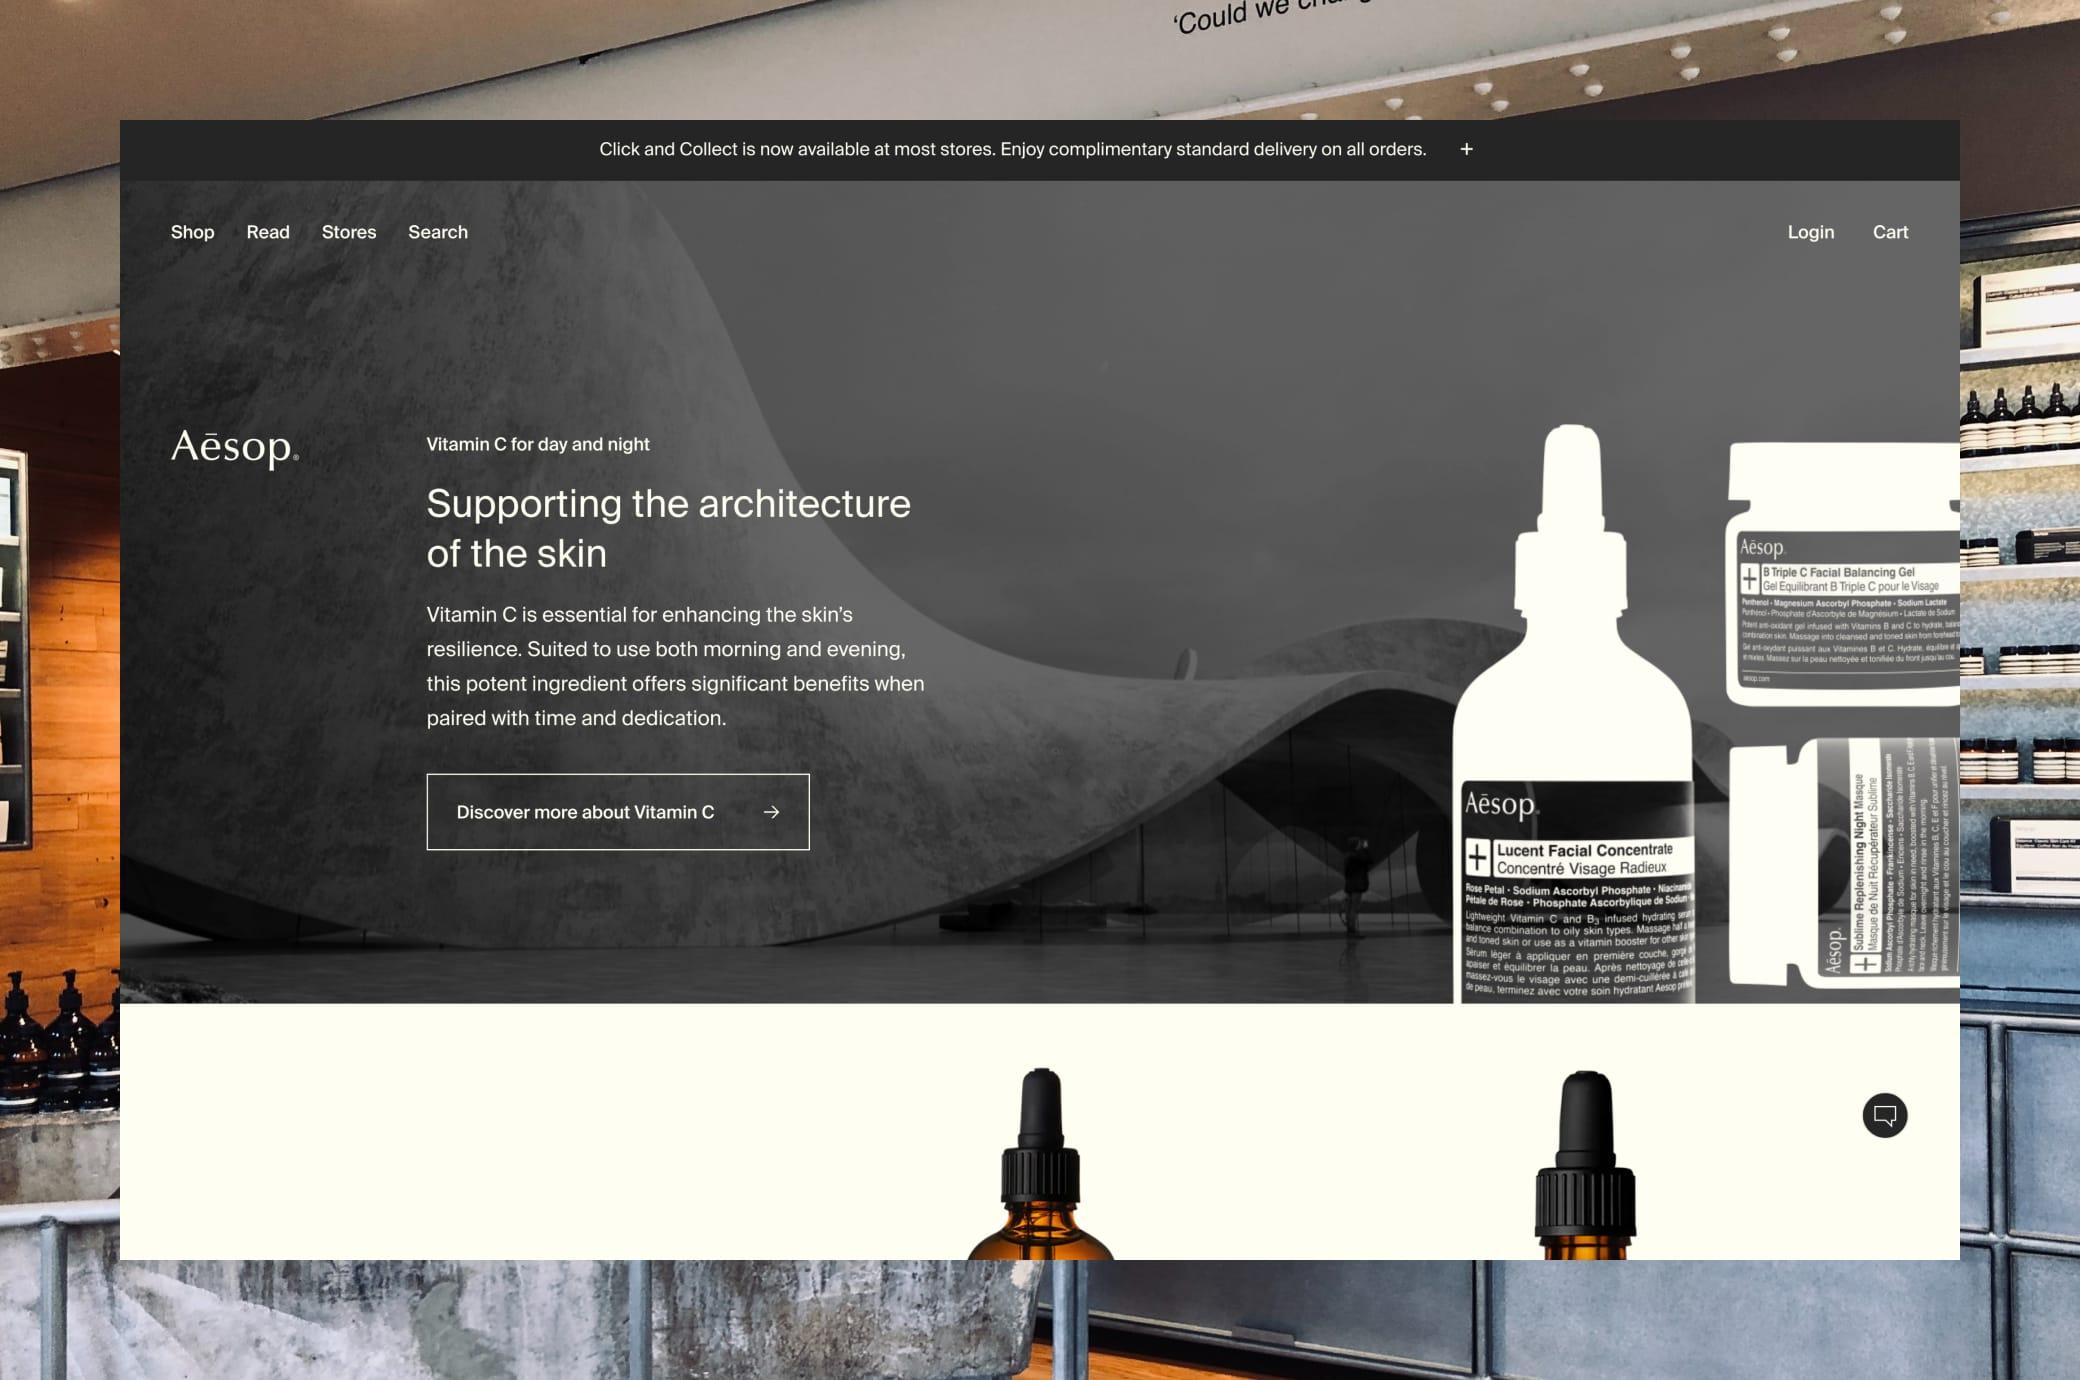 Aesop.com Home Page Screenshot